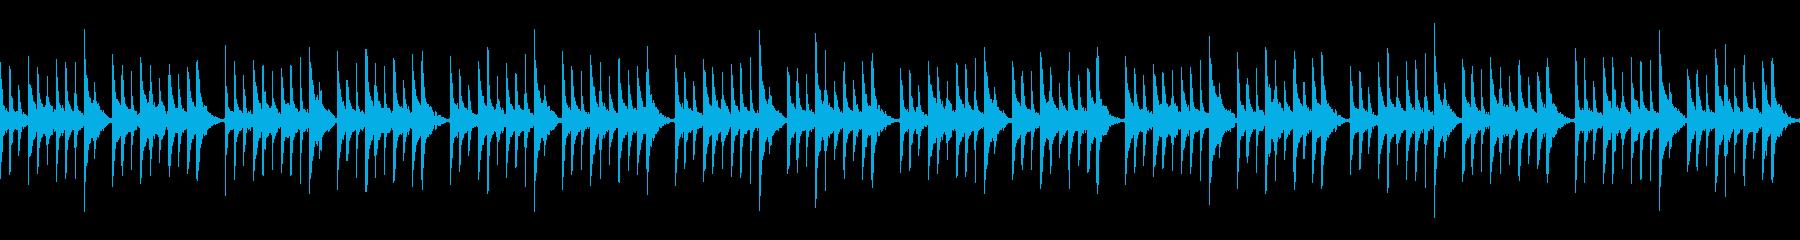 オルゴールとピアノの睡眠導入系BGMの再生済みの波形